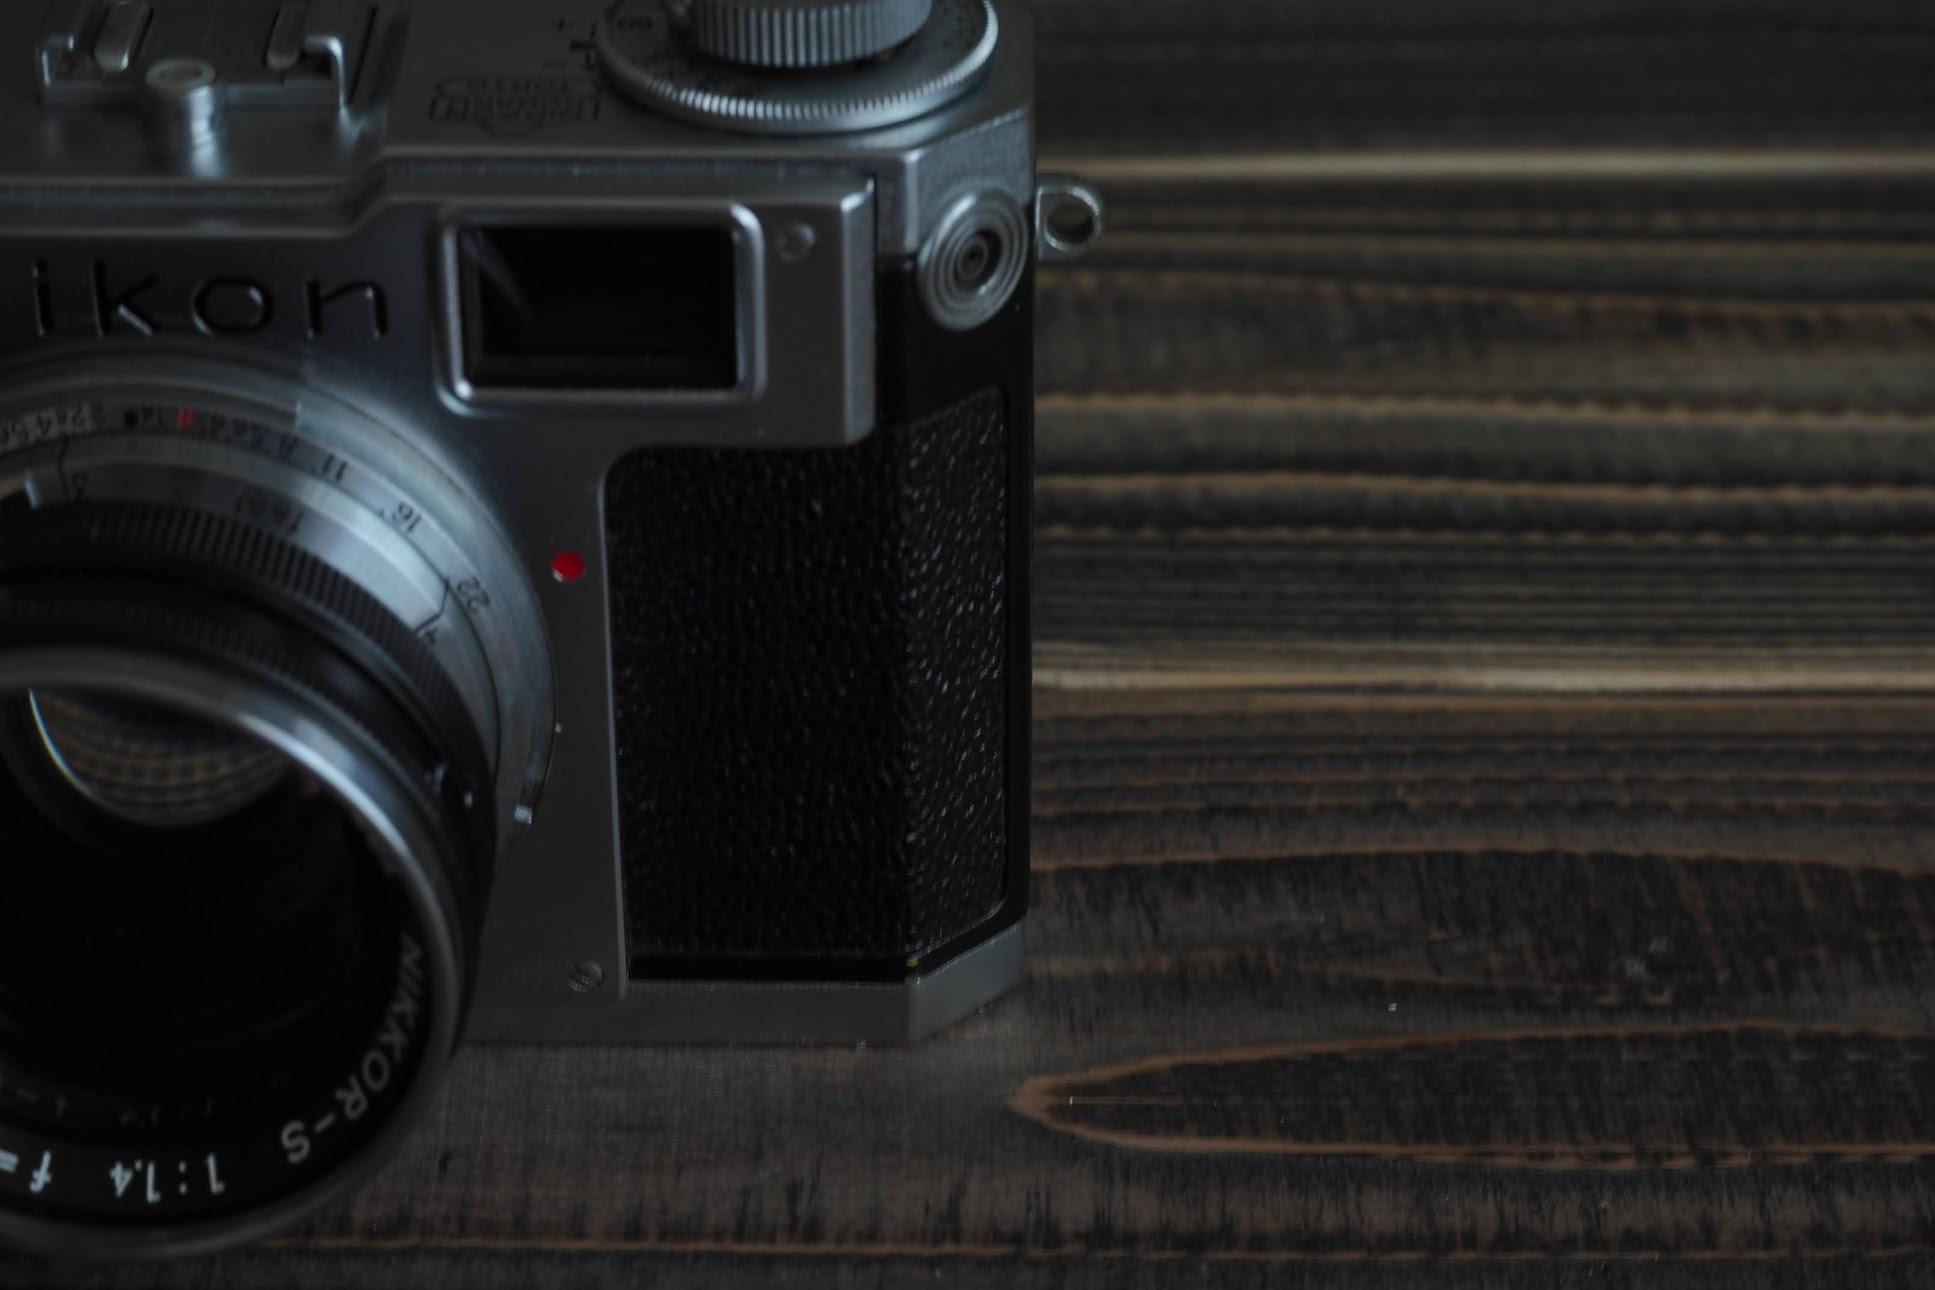 ニコンのレンジファインダーフィルムカメラ NikonS2